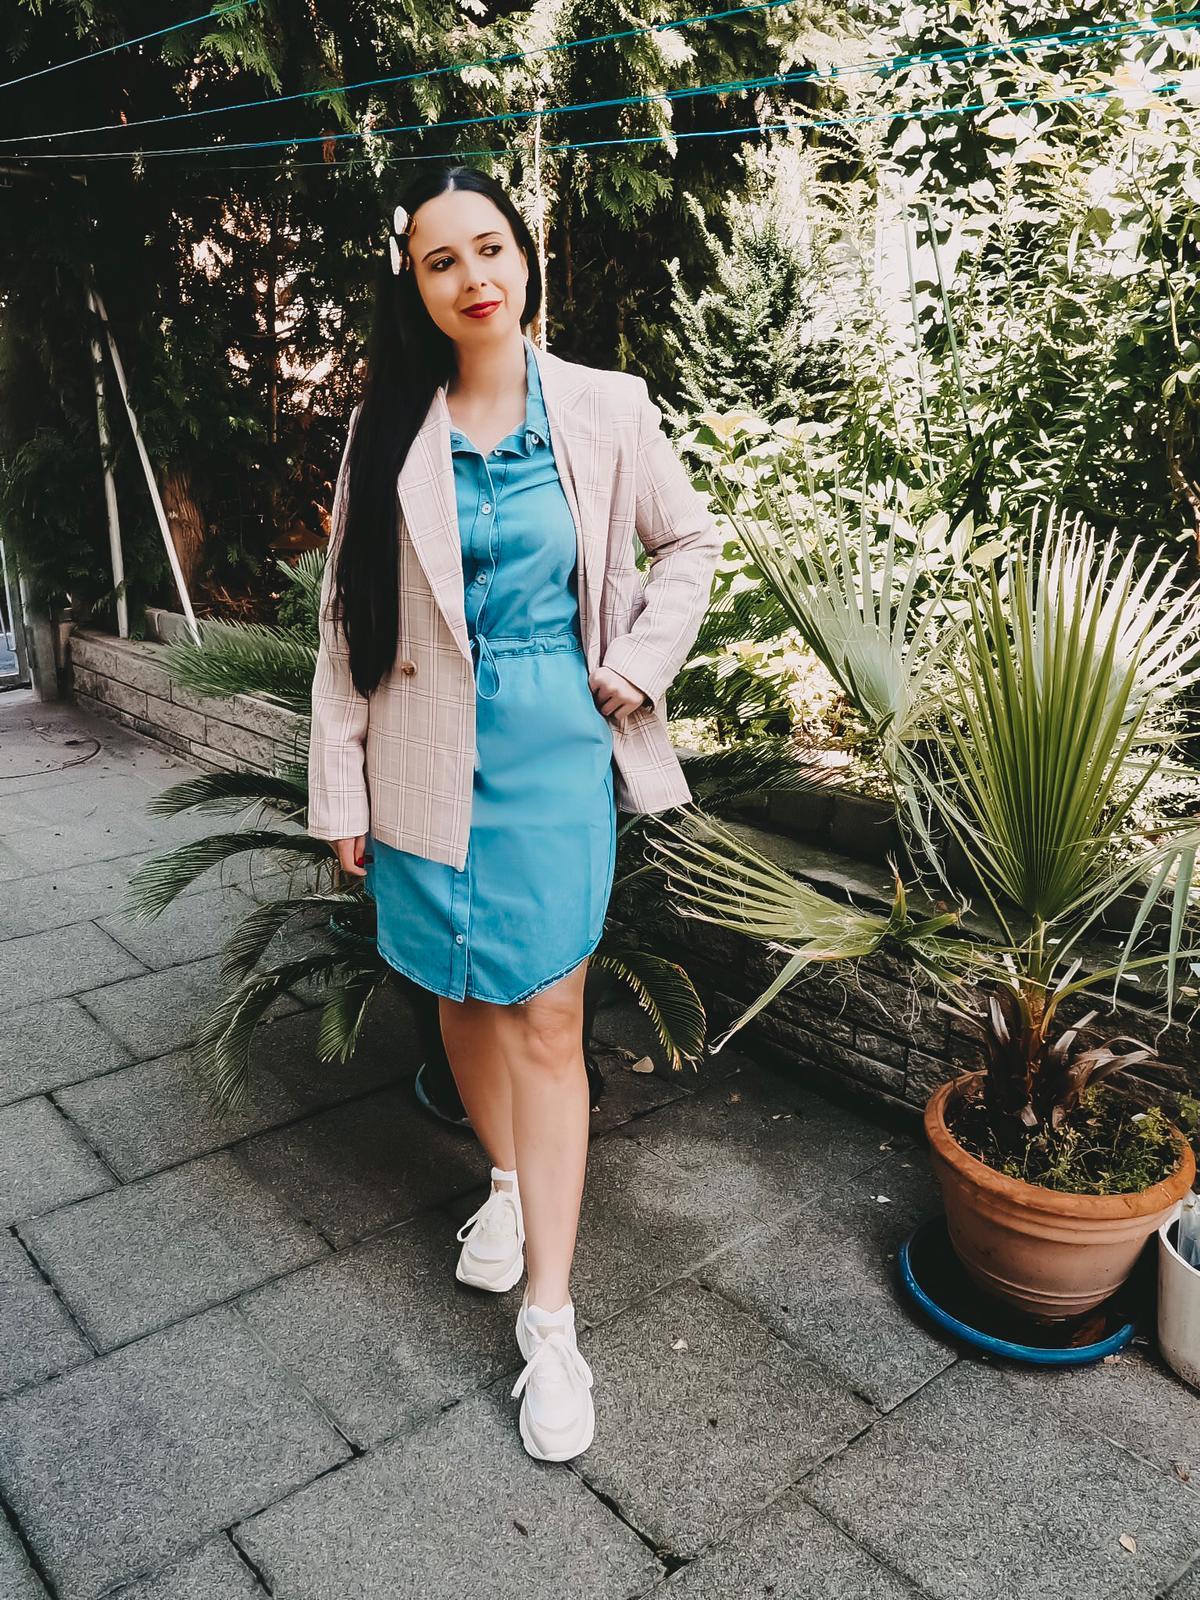 Eine tolle Auswahl bequeme Jeanskleider findet ihr bei Peek und Cloppenburg. Heute zeige ich euch mein Kleid auf der Fashion Kategorie vom Blog.